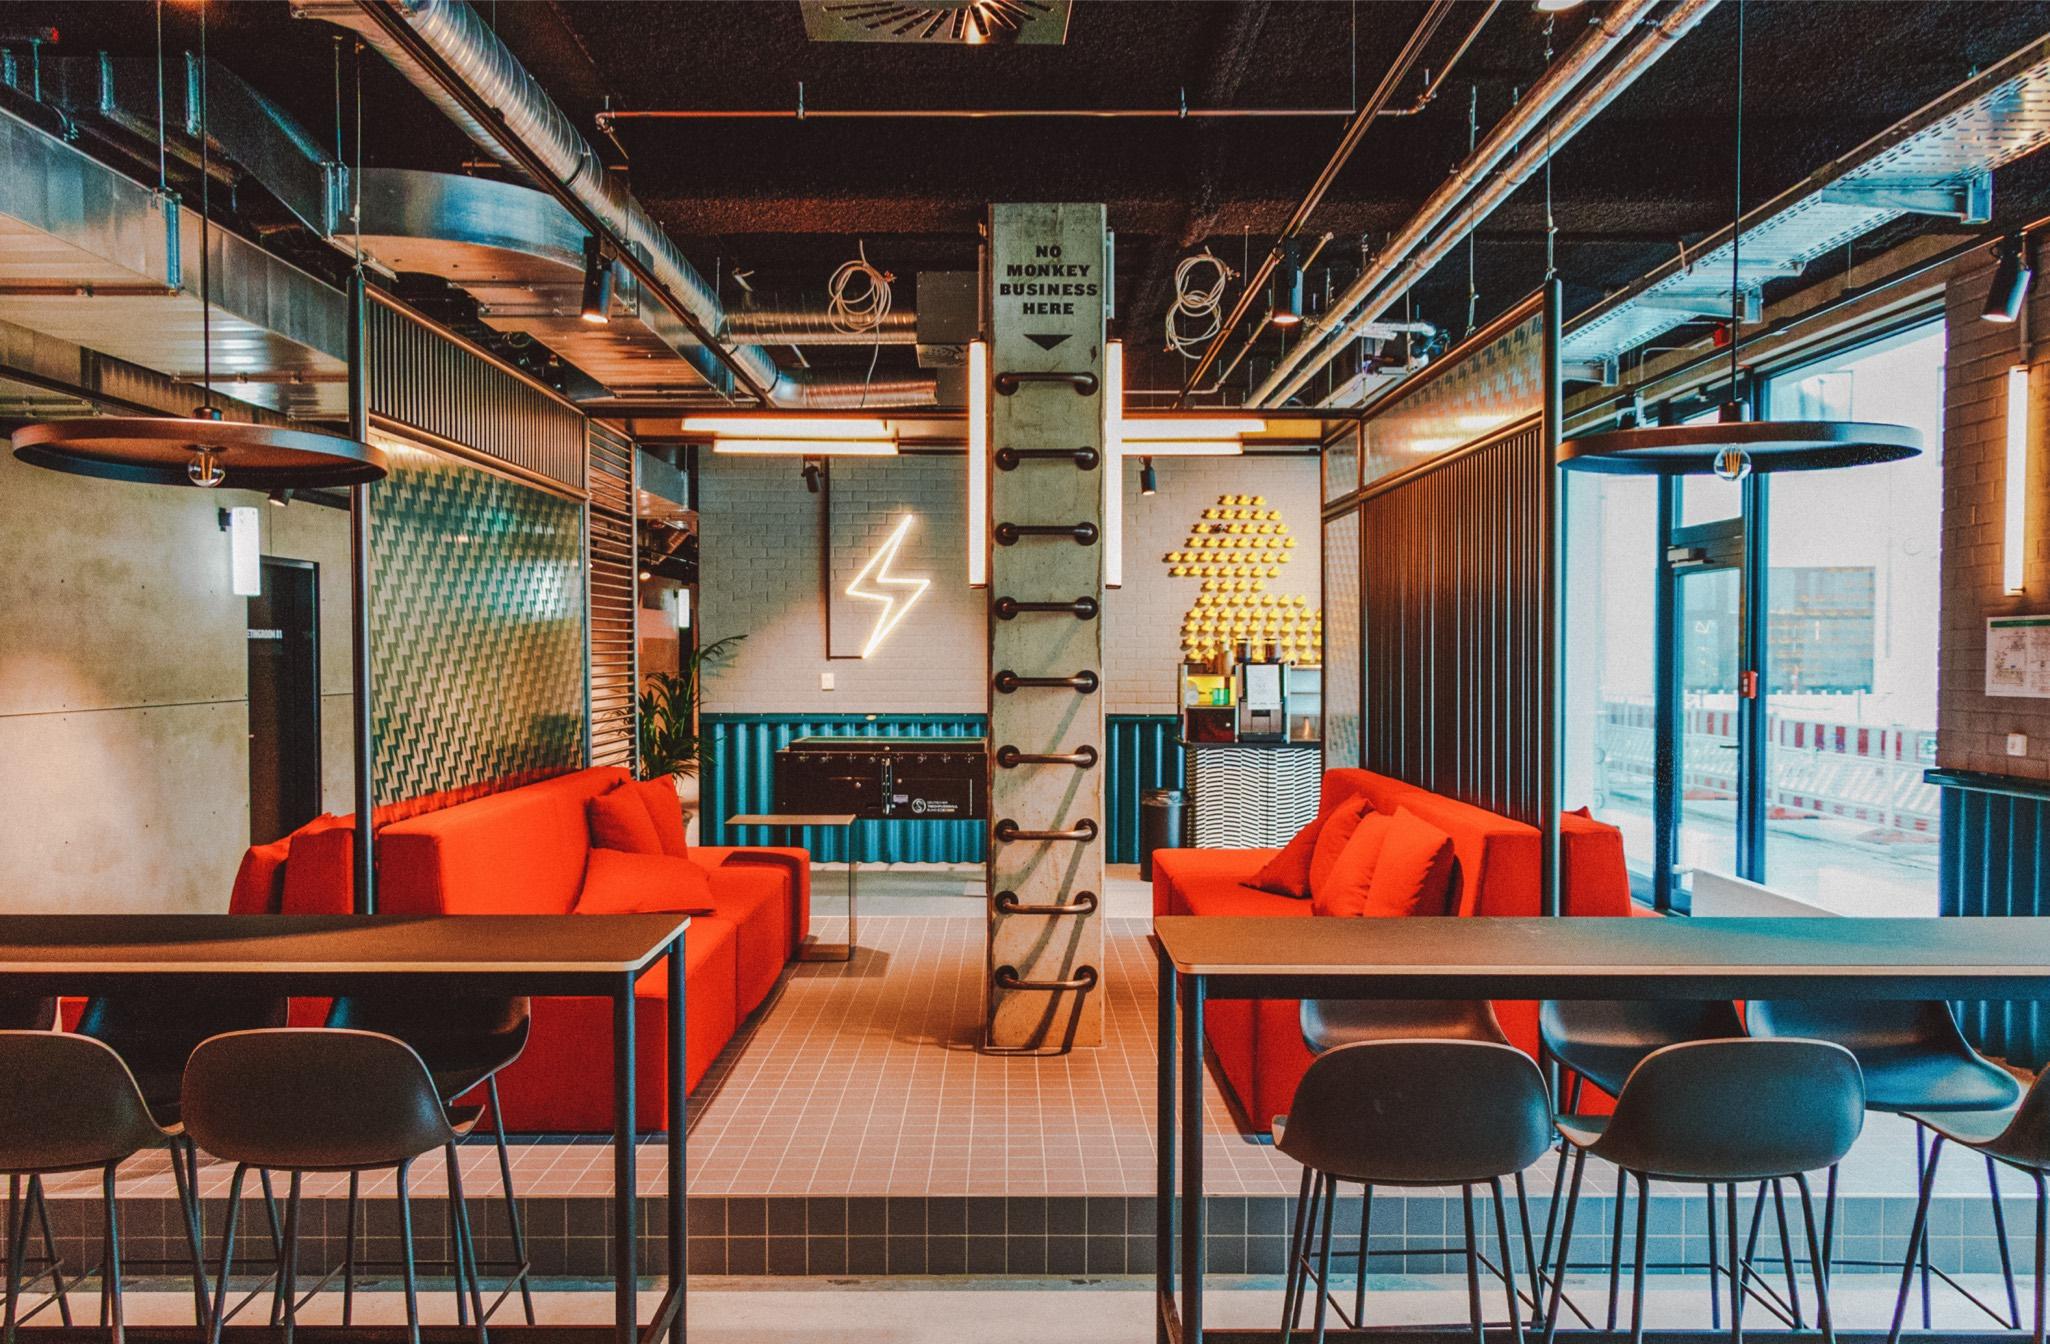 THE STUDENT HOTEL BERLIJN: GRUNDGE MEETS GLAMOUR VLAKBIJ ALEXANDERPLATZ